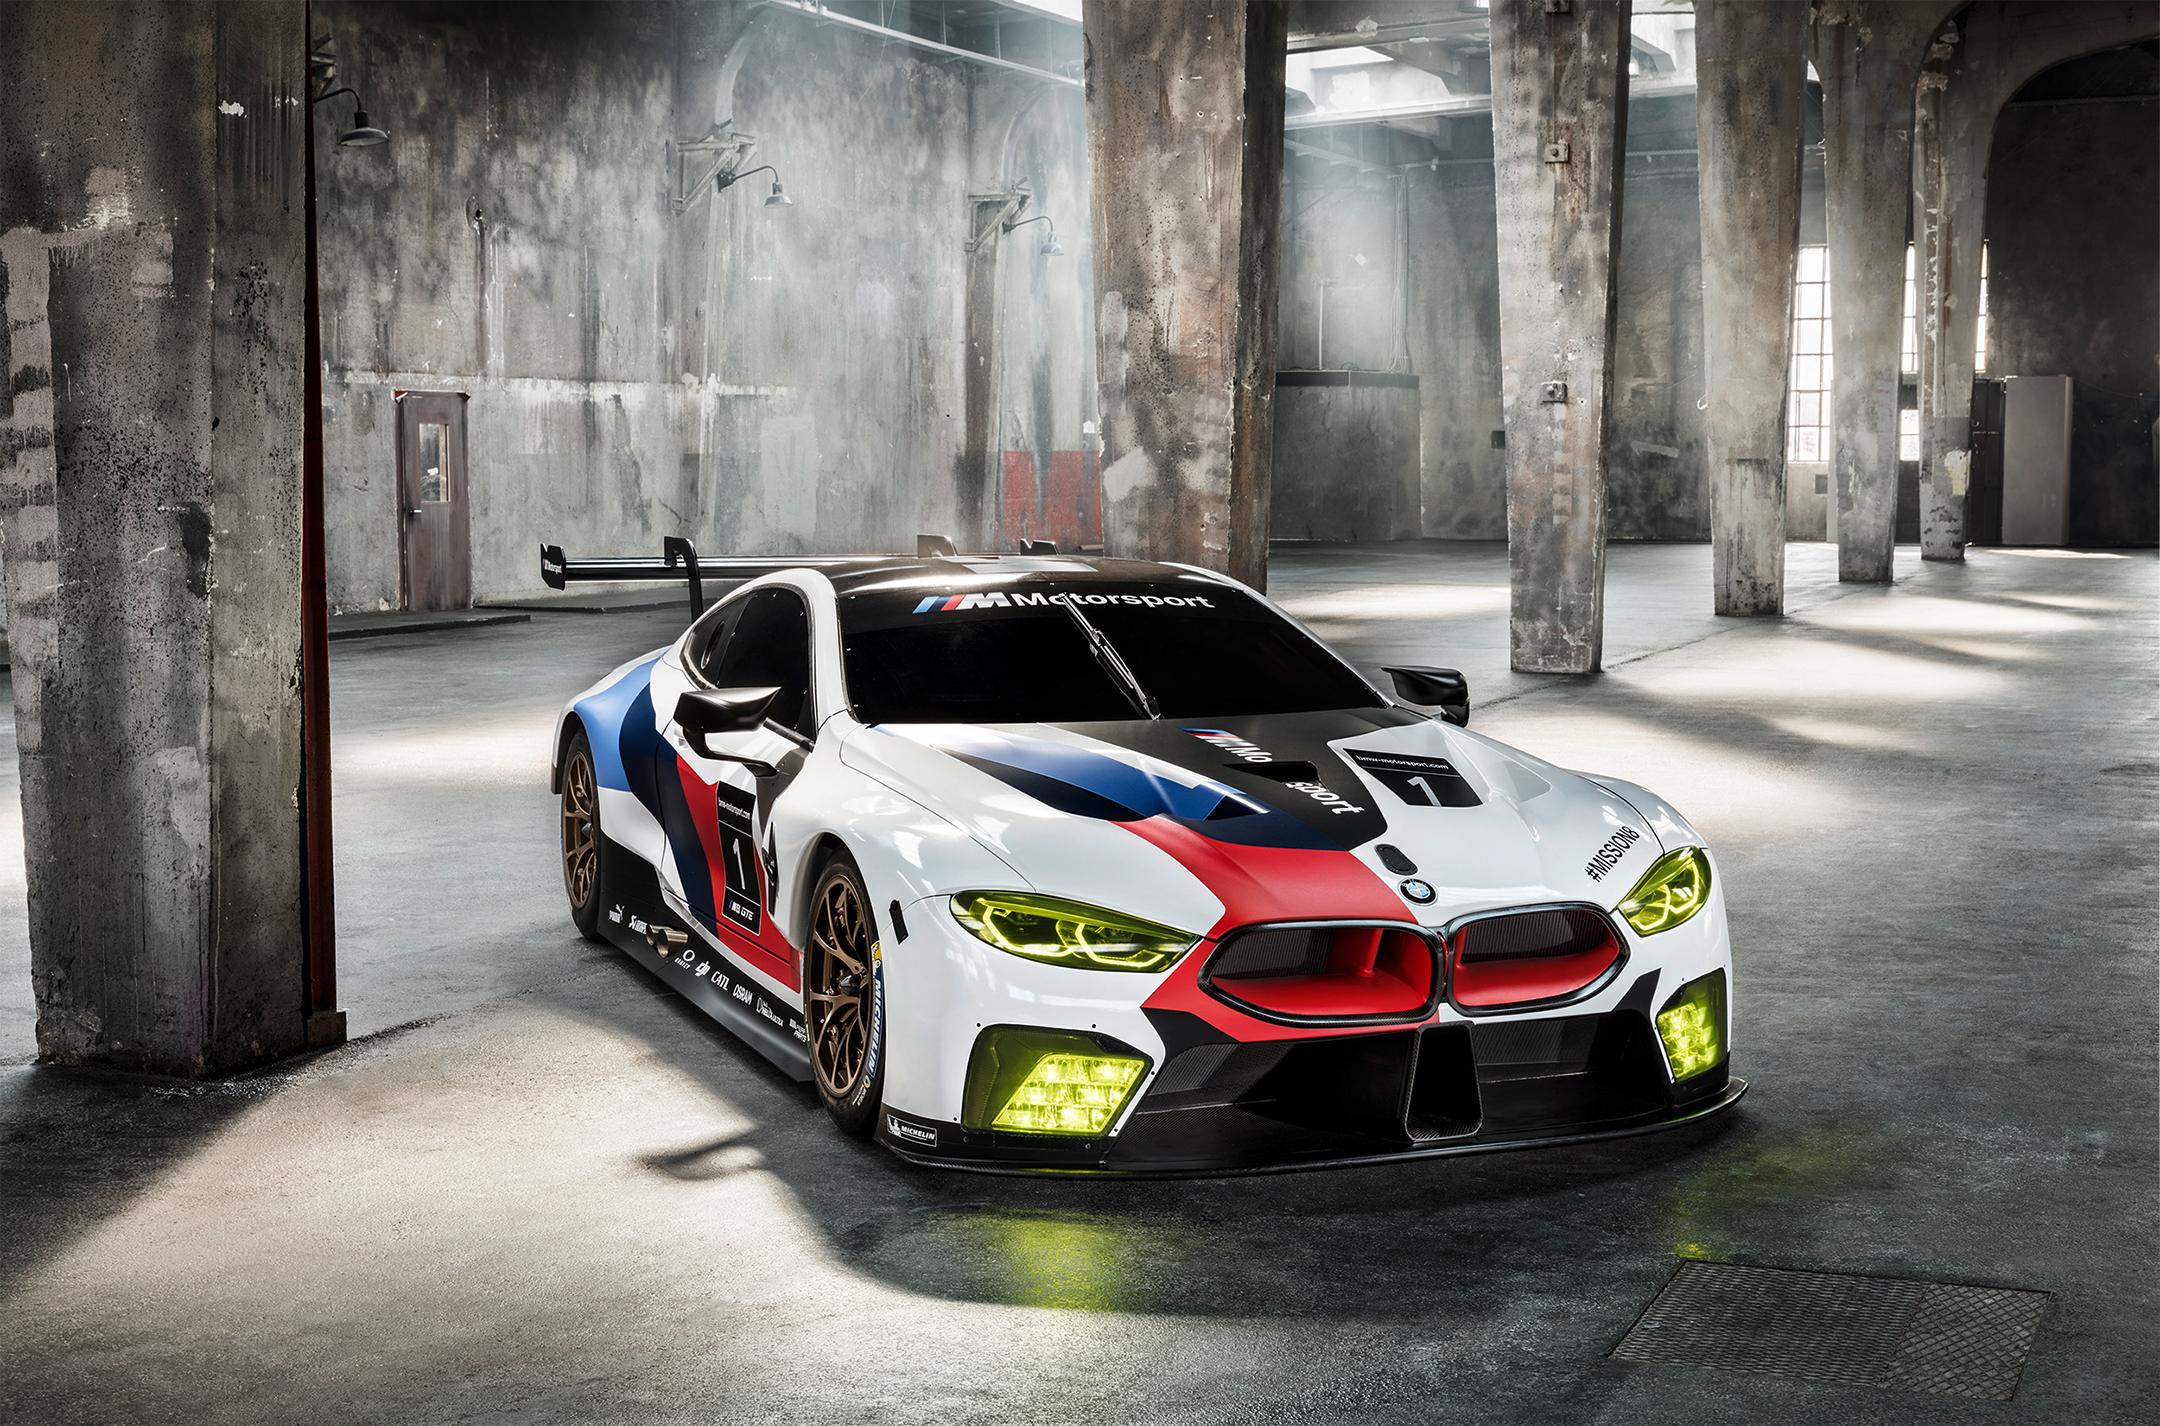 BMW M8 GTE - 2018 - front side-face / profil avant